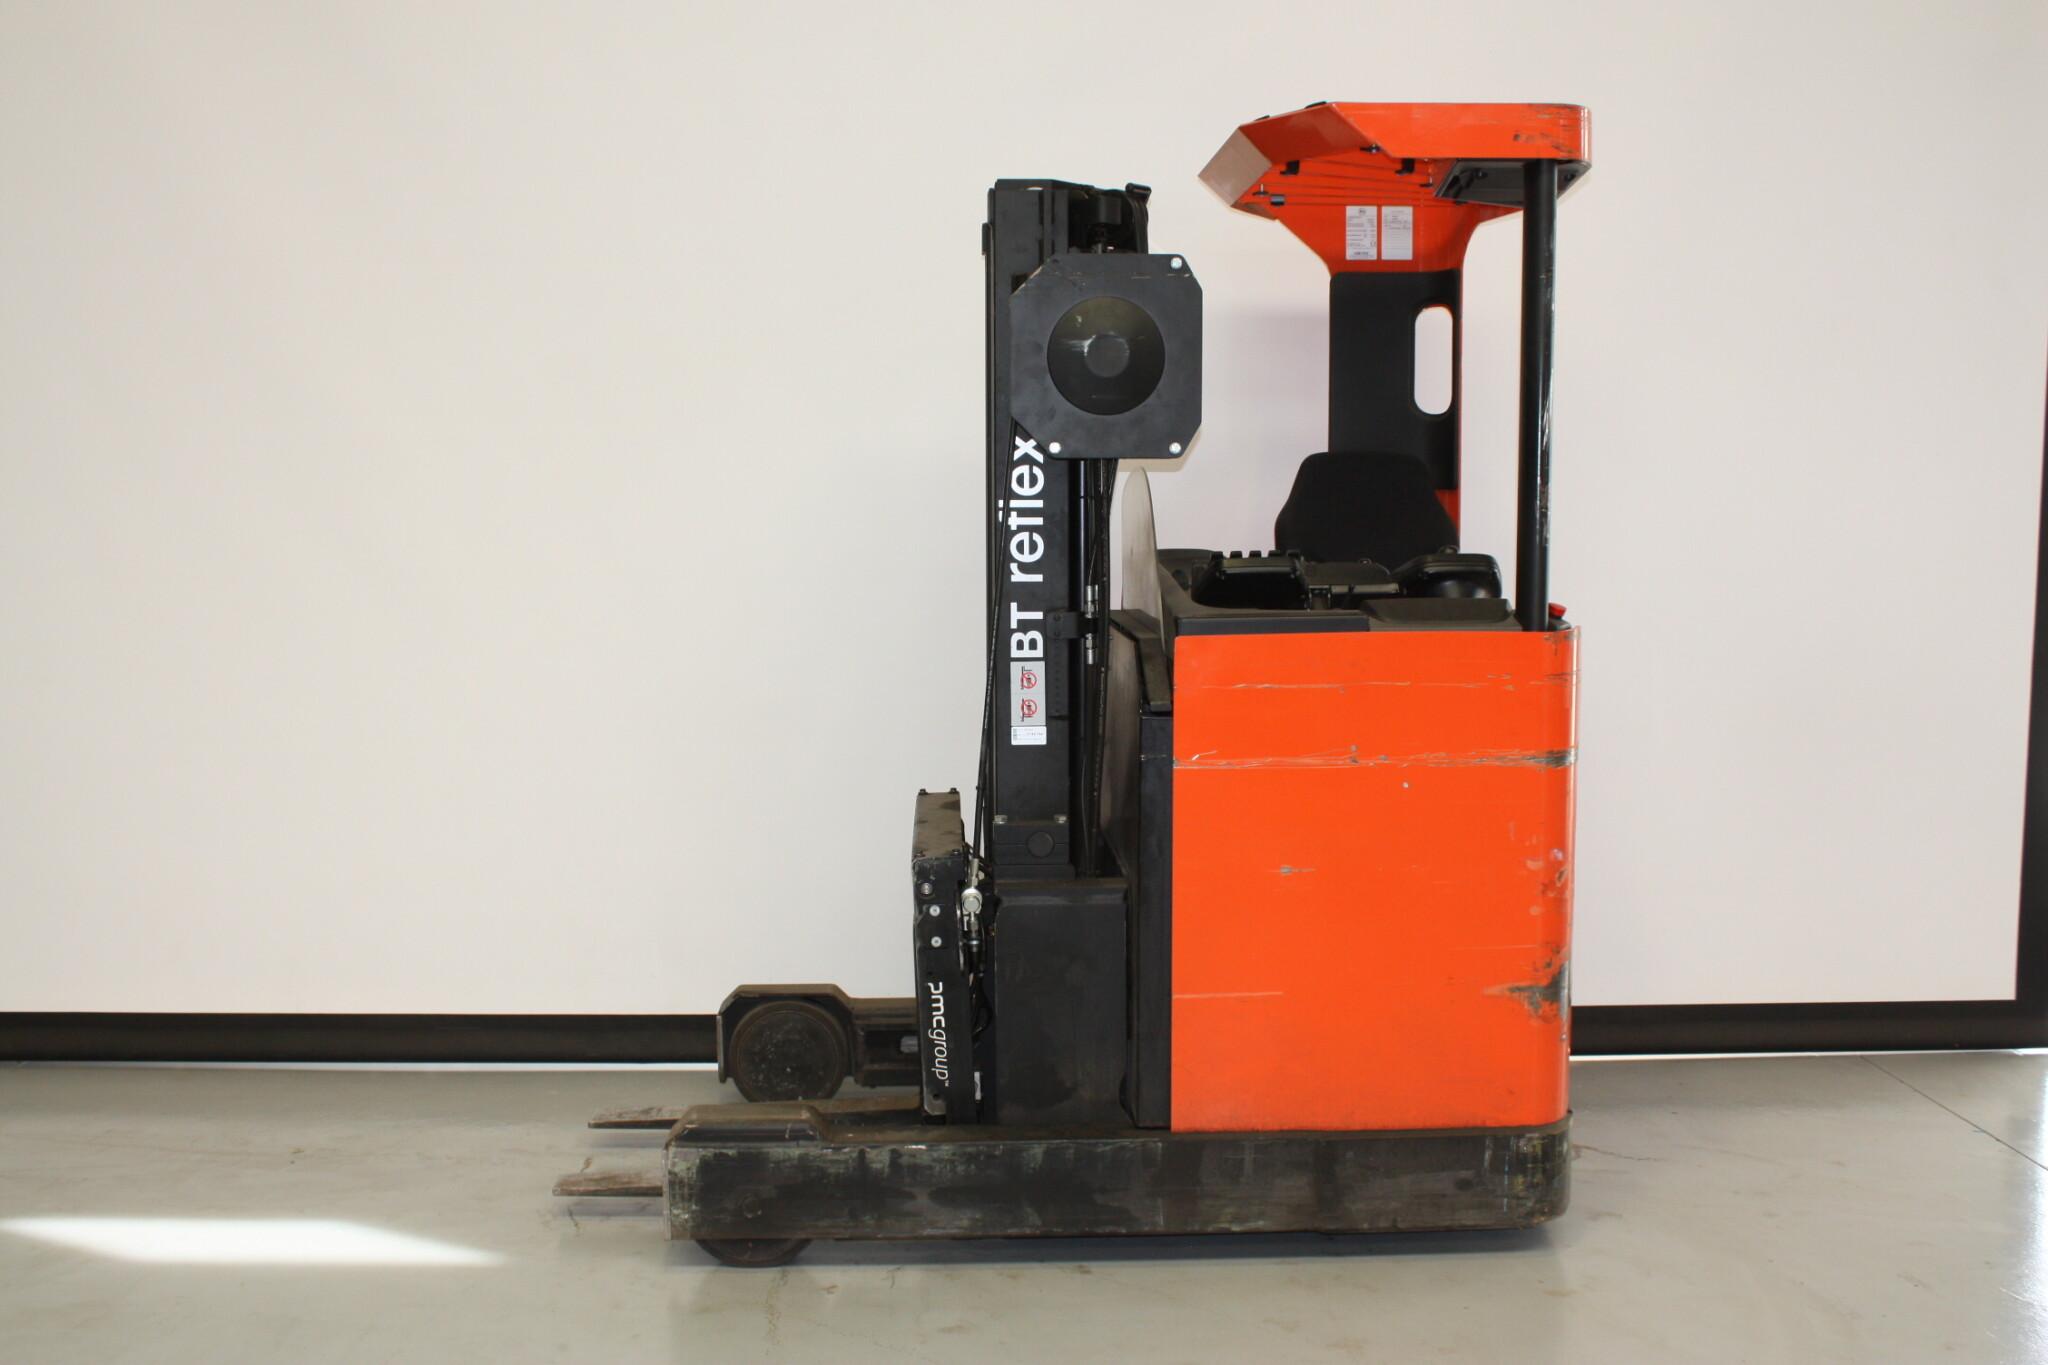 Toyota-Gabelstapler-59840 1603028048 1 scaled